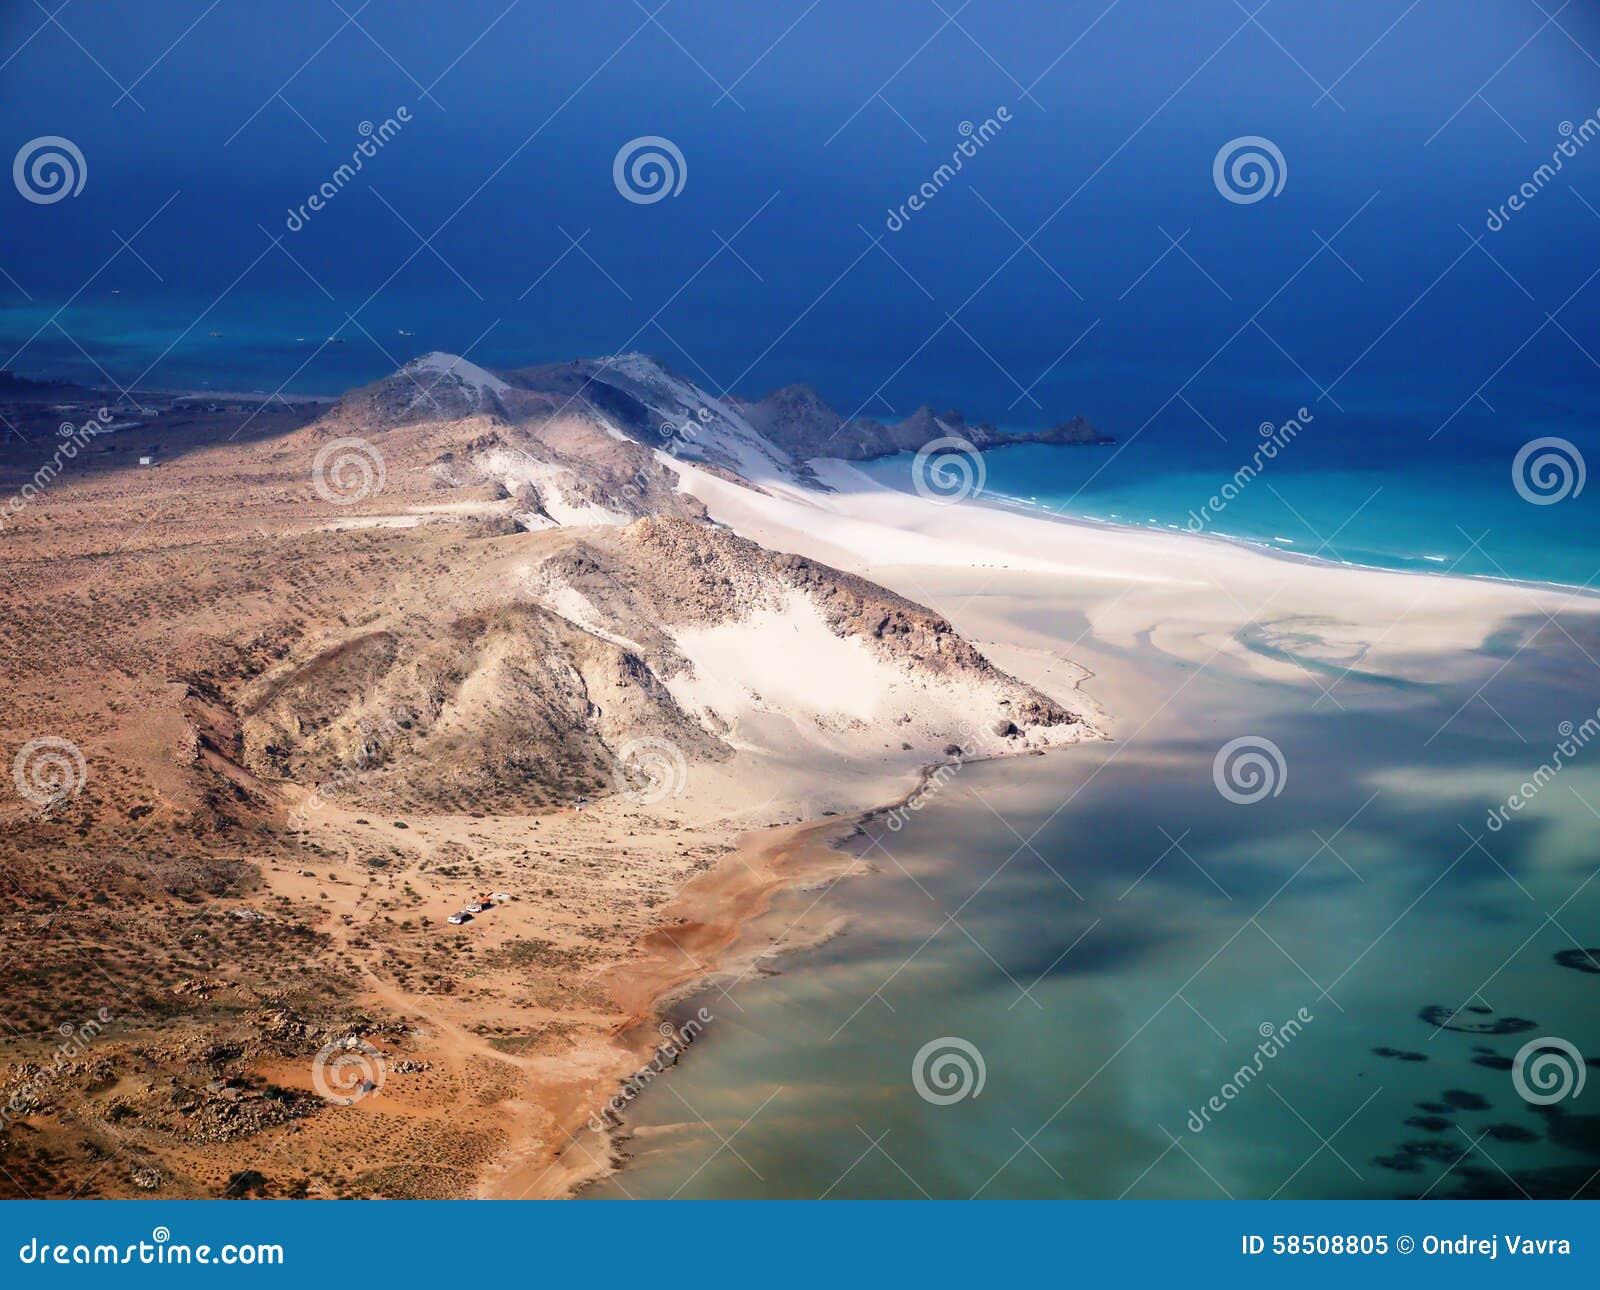 Detwah-Lagune